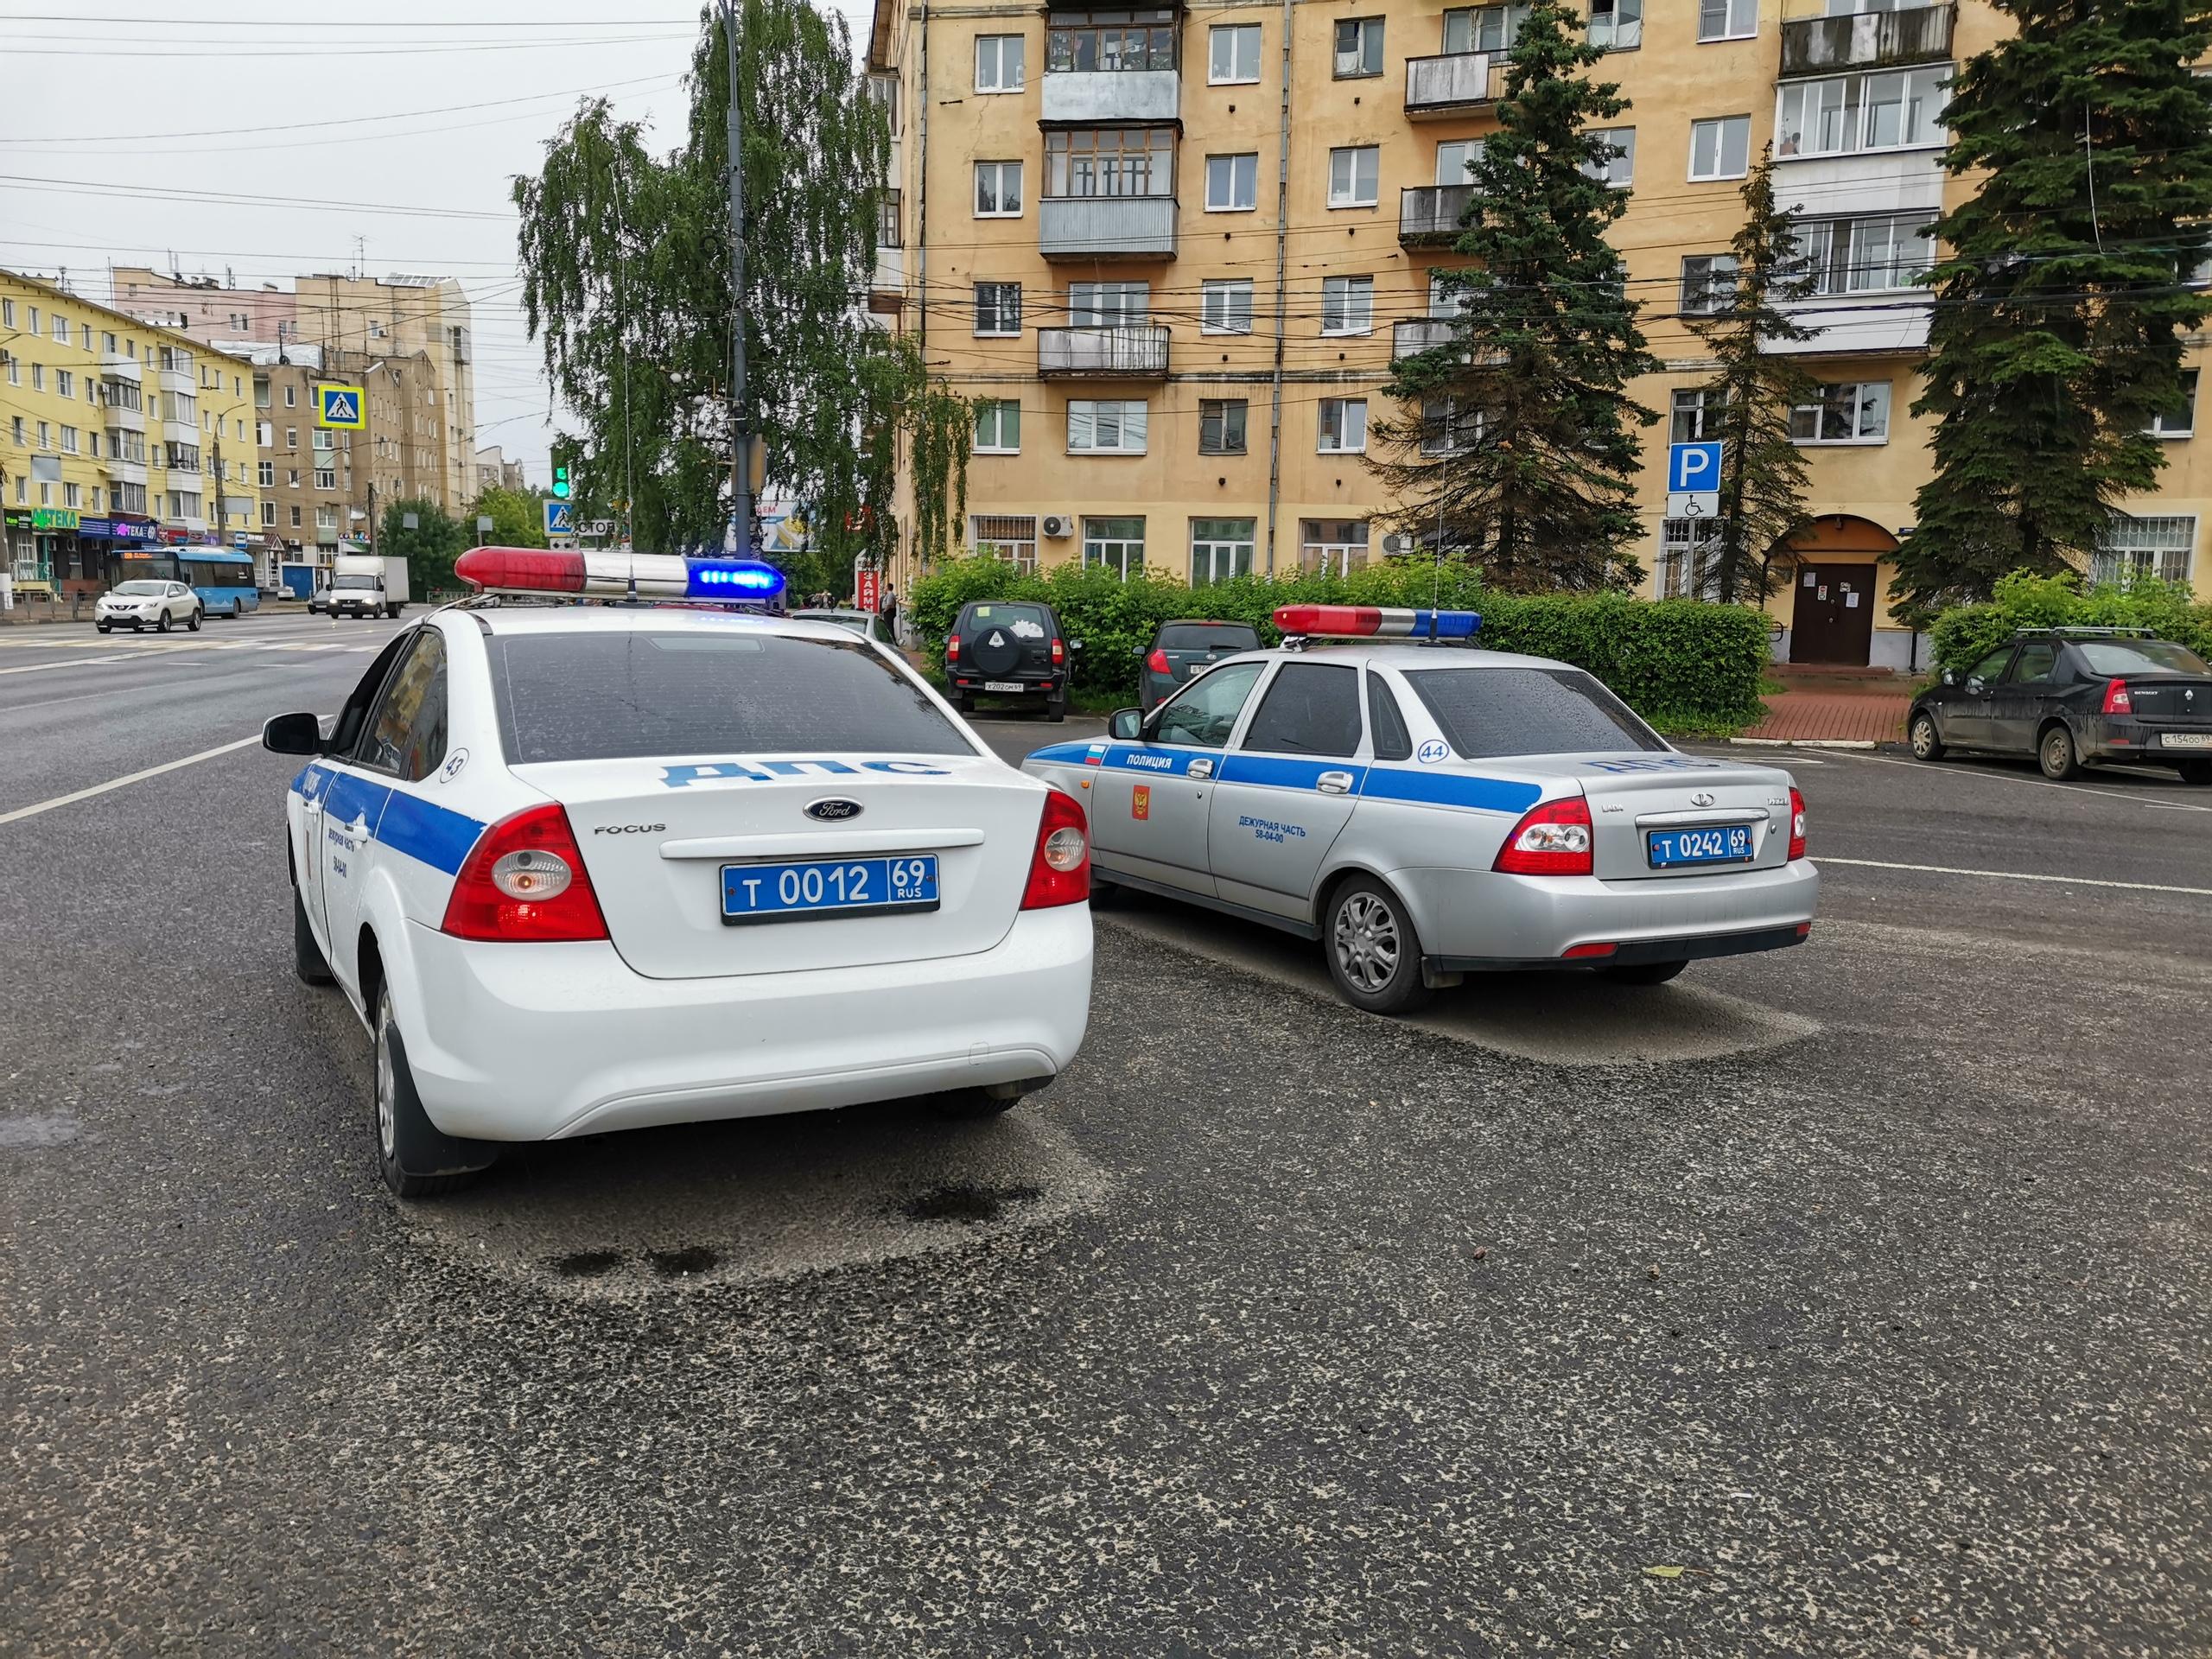 В Твери автоинспекторы наказали водителей, перевозивших маленьких пассажиров без детских кресел и дарили подарки соблюдающим ПДД - новости Афанасий